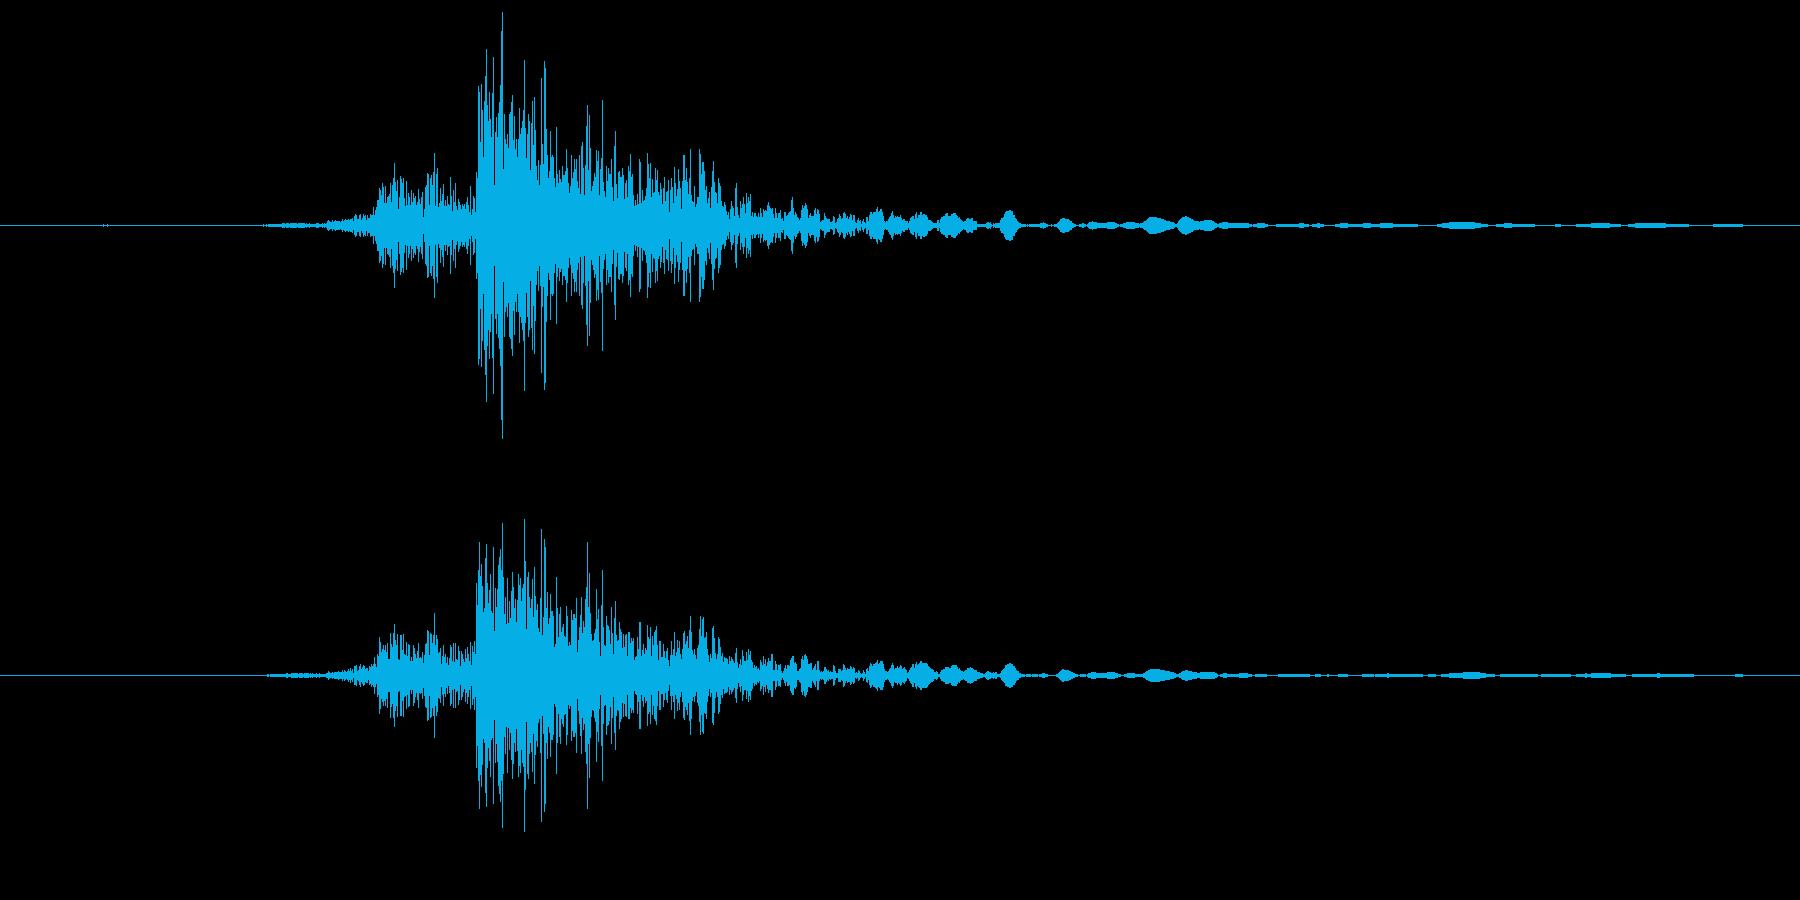 【機械/ロボット系001】ガチャンの再生済みの波形